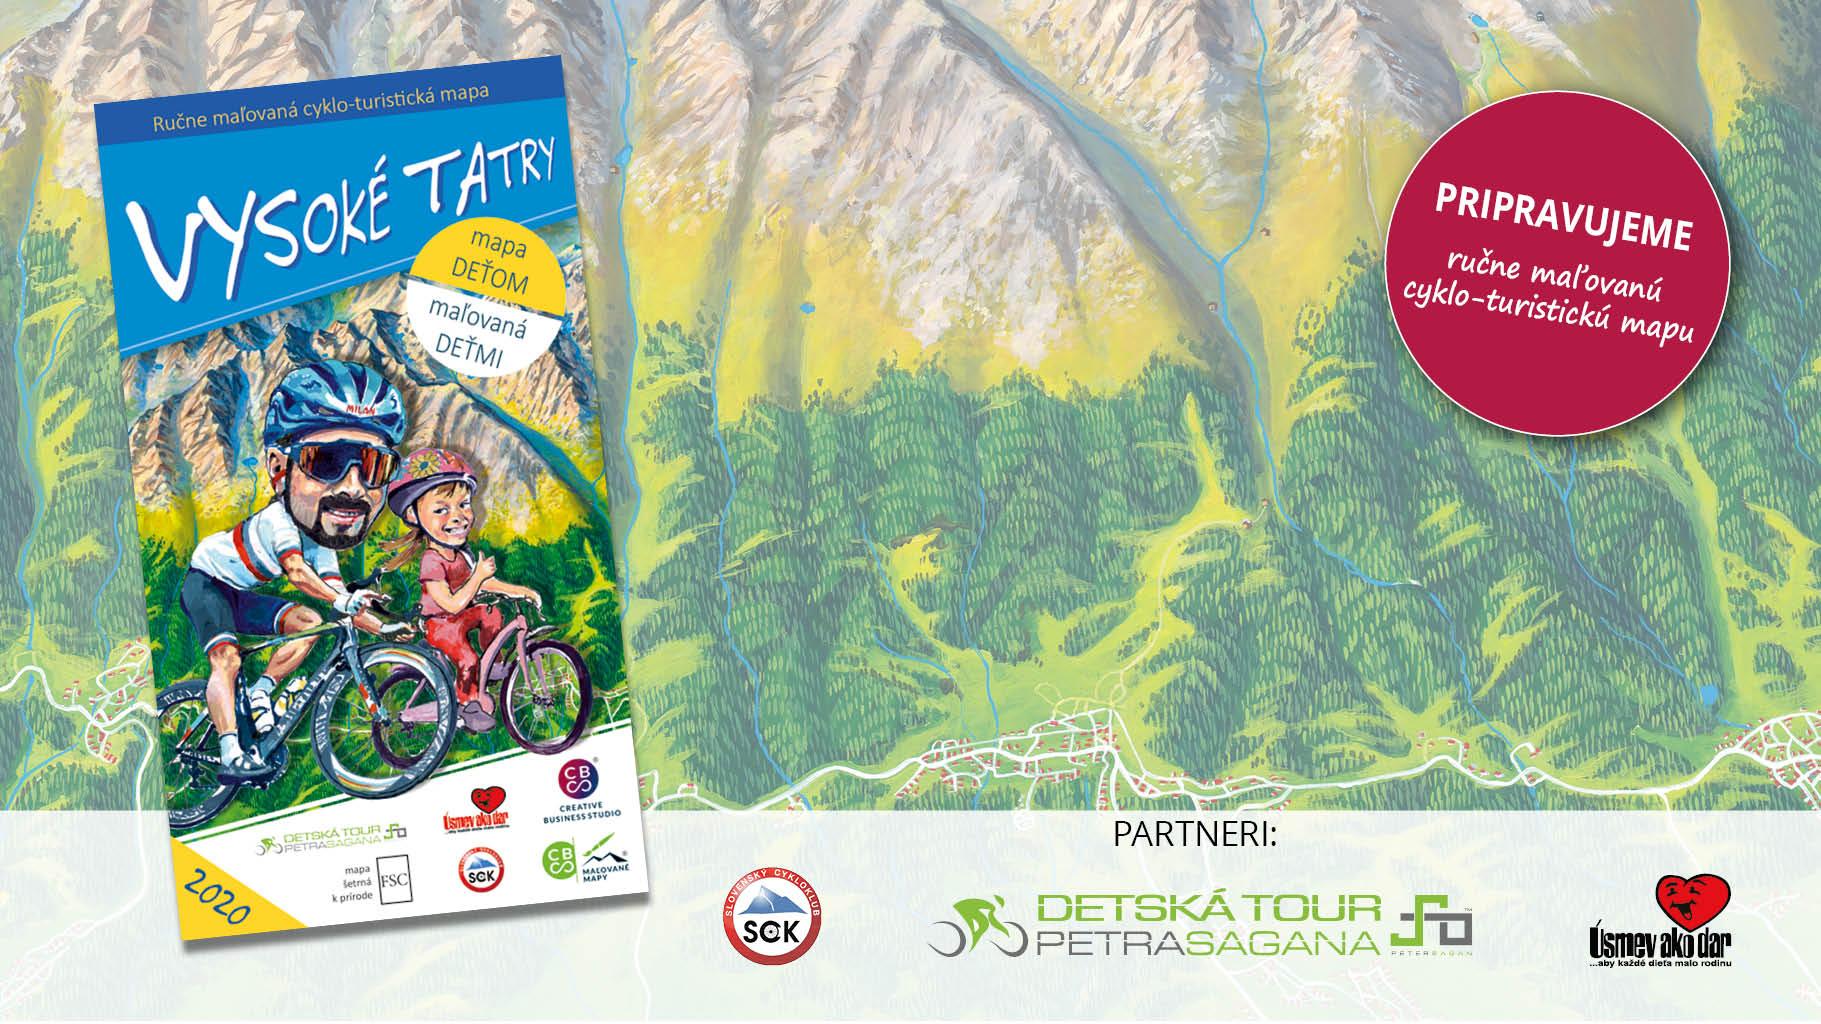 banner_cyklo-turisticka_mapa_vysoke-tatry-detom